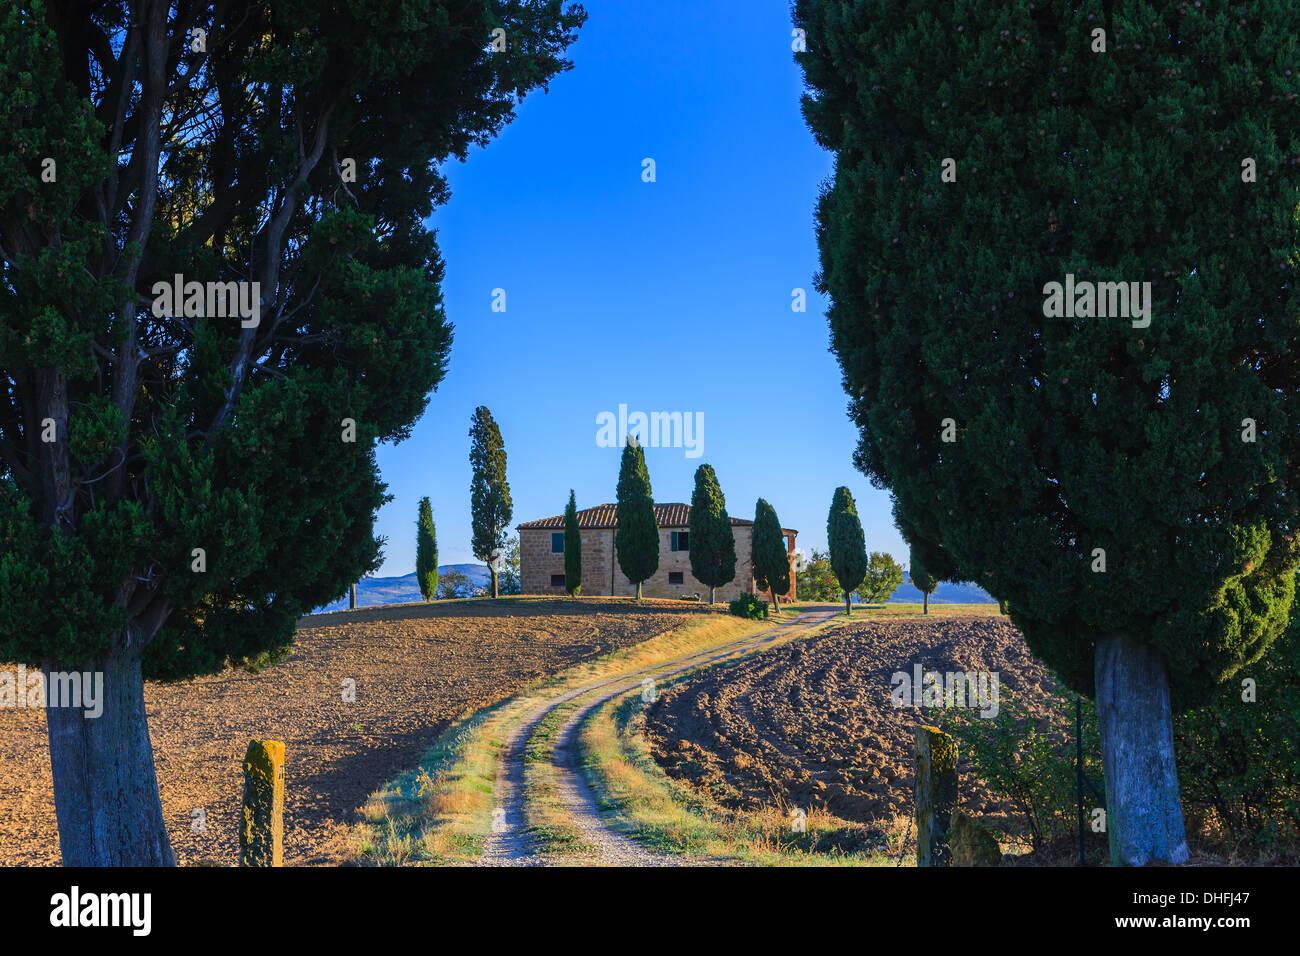 Maison avec le célèbre cyprès au coeur de la Toscane, près de Pienza, Italie Photo Stock